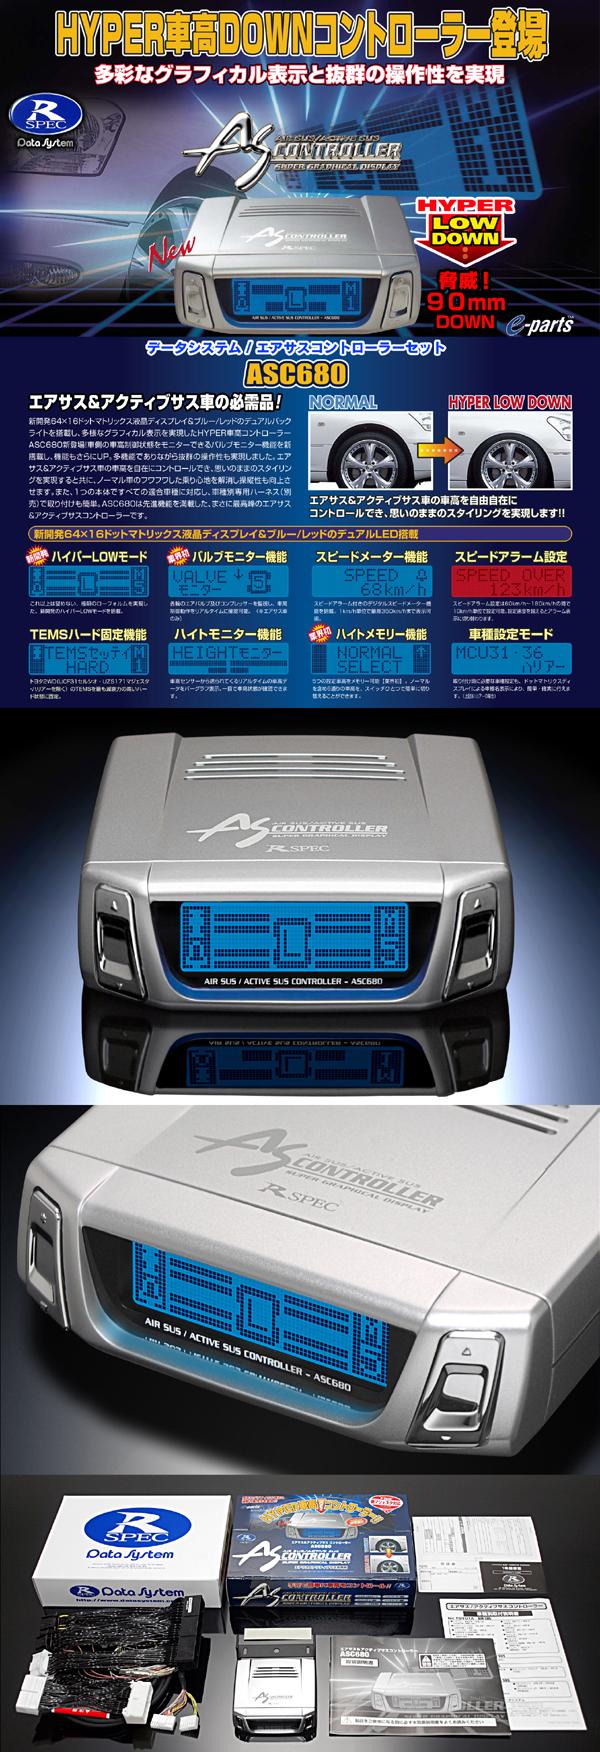 【データシステムASC680《31セルシオ後期》エアサスコントローラー&ハーネスセット】